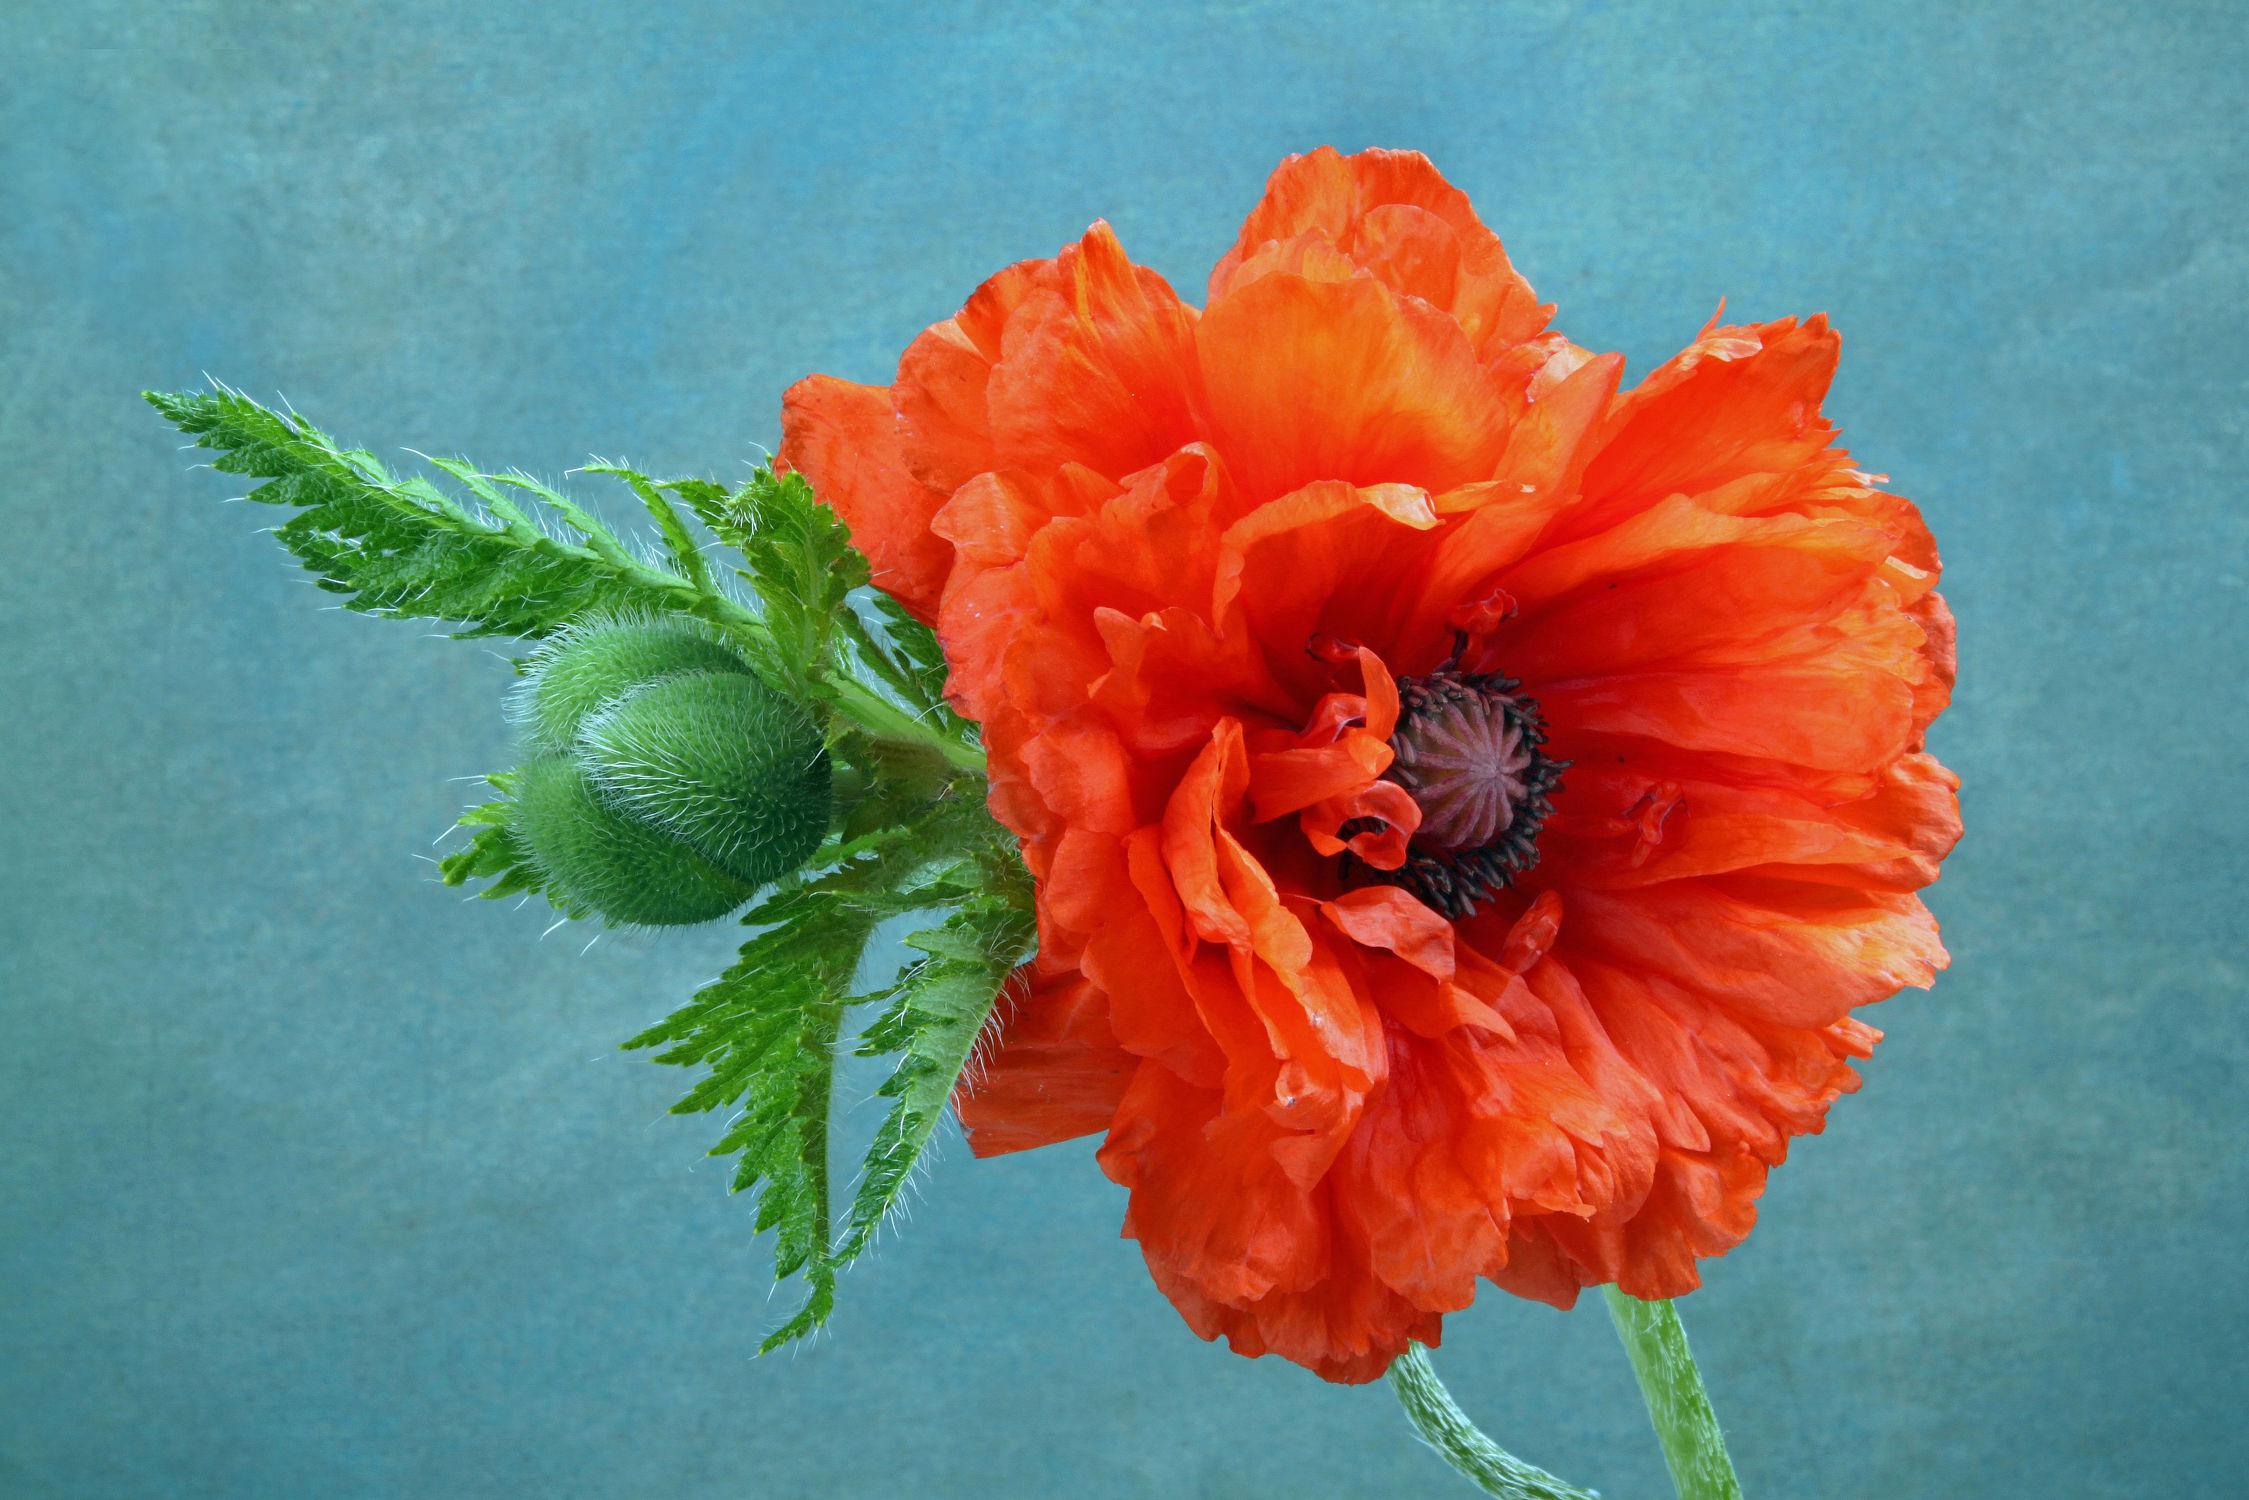 Bild mit Natur, Pflanzen, Blumen, Mohn, Blume, Pflanze, Mohnblüte, Floral, Blüten, Florales, blüte